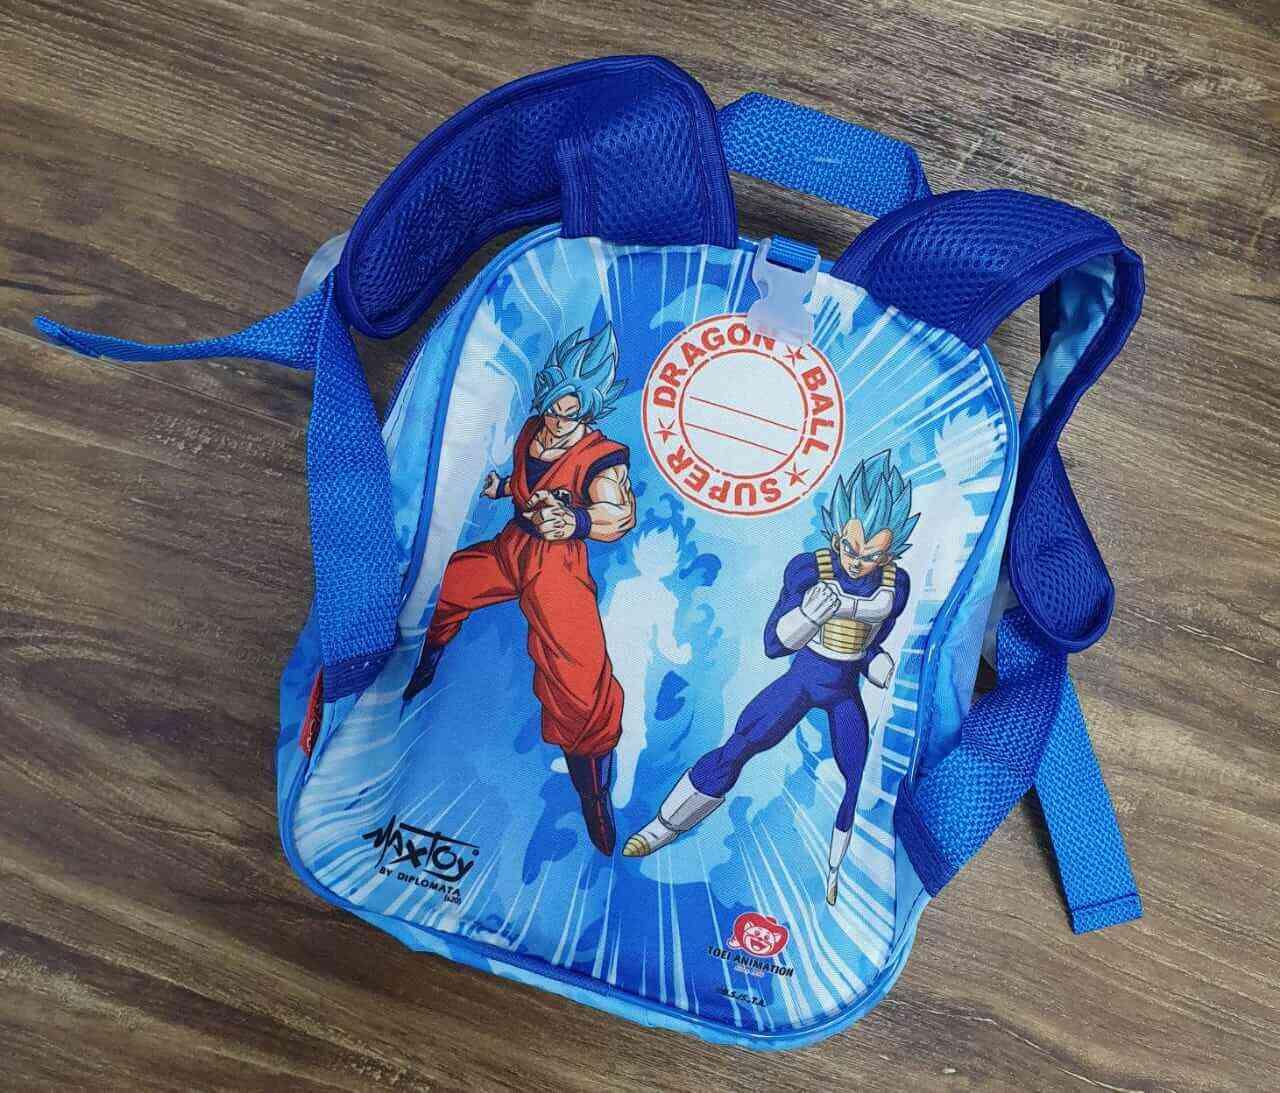 Mochila de Rodinhase e Lancheira Dragon Ball Infantil